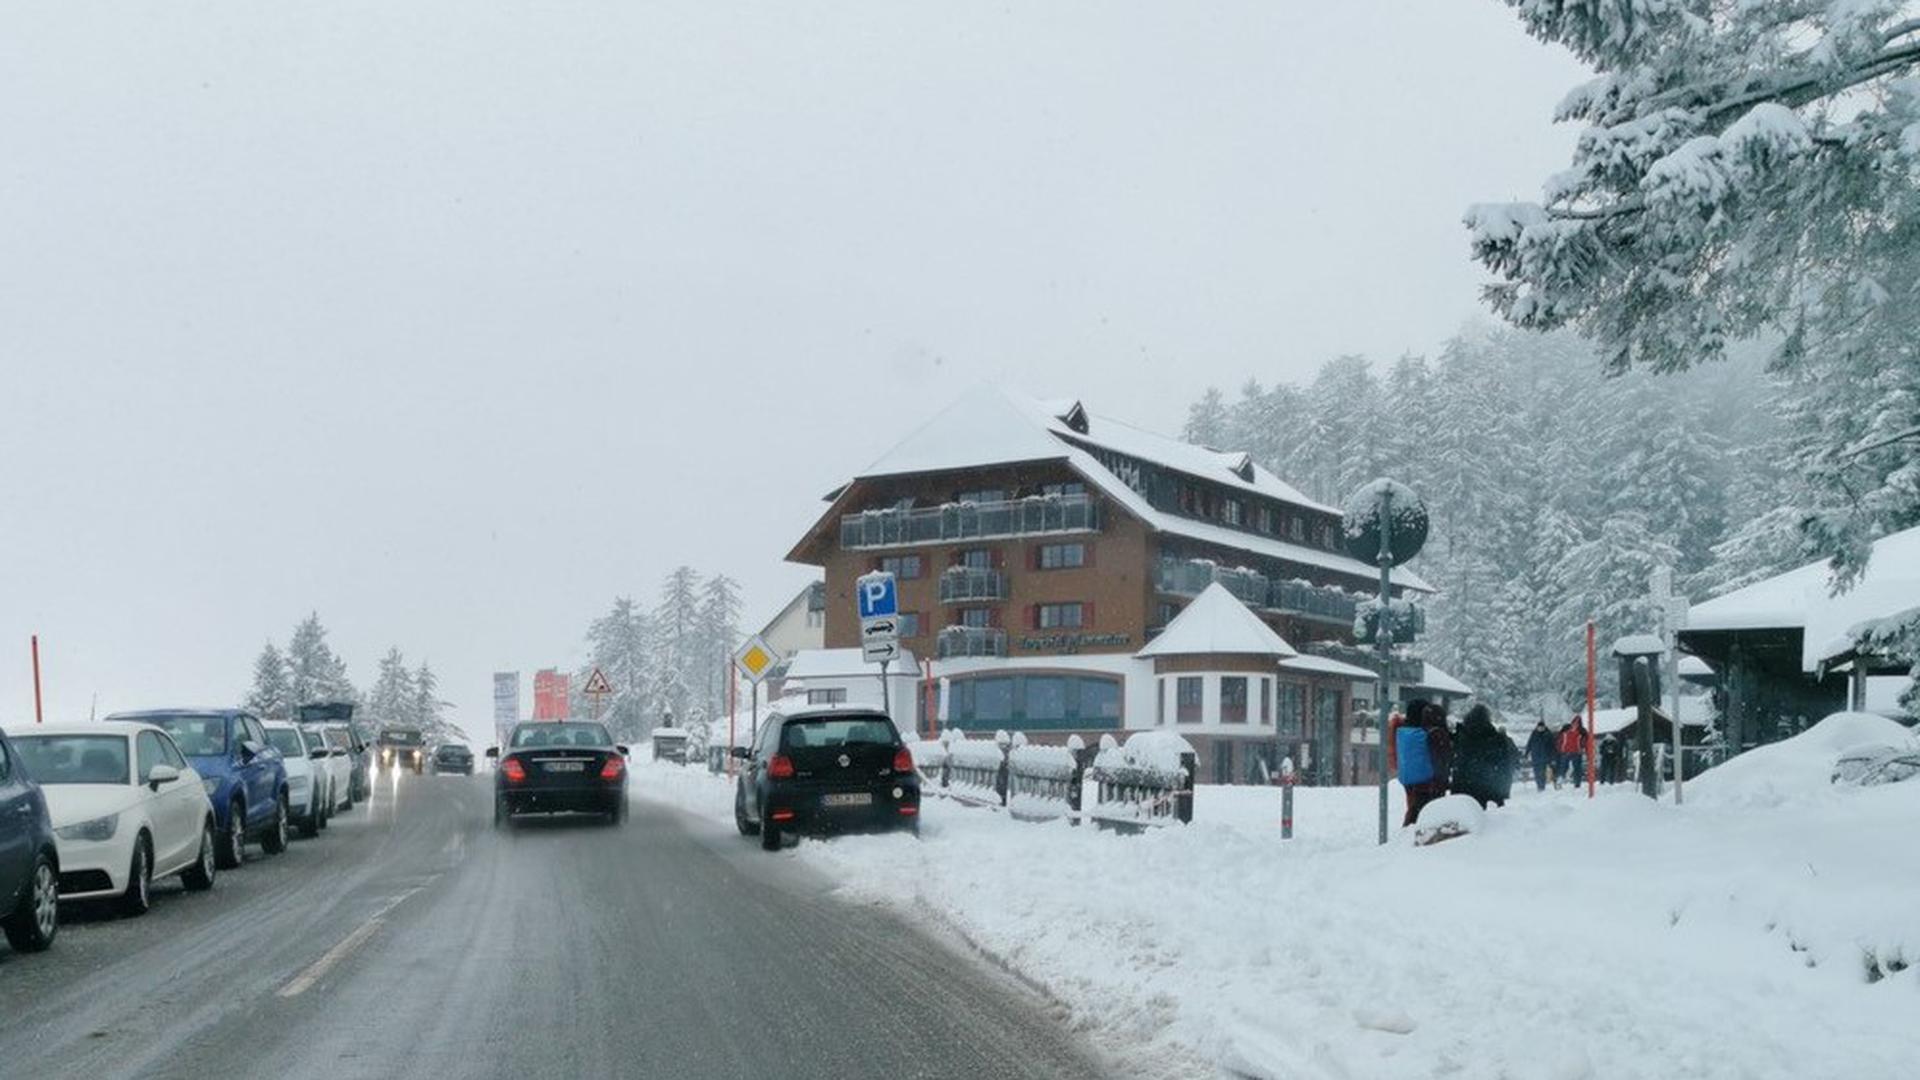 Am Mummelsee an der Schwarzwaldhochstraße herrscht am Nachmittag des ersten Weihnachtsfeiertags reger Ausflugsverkehr.